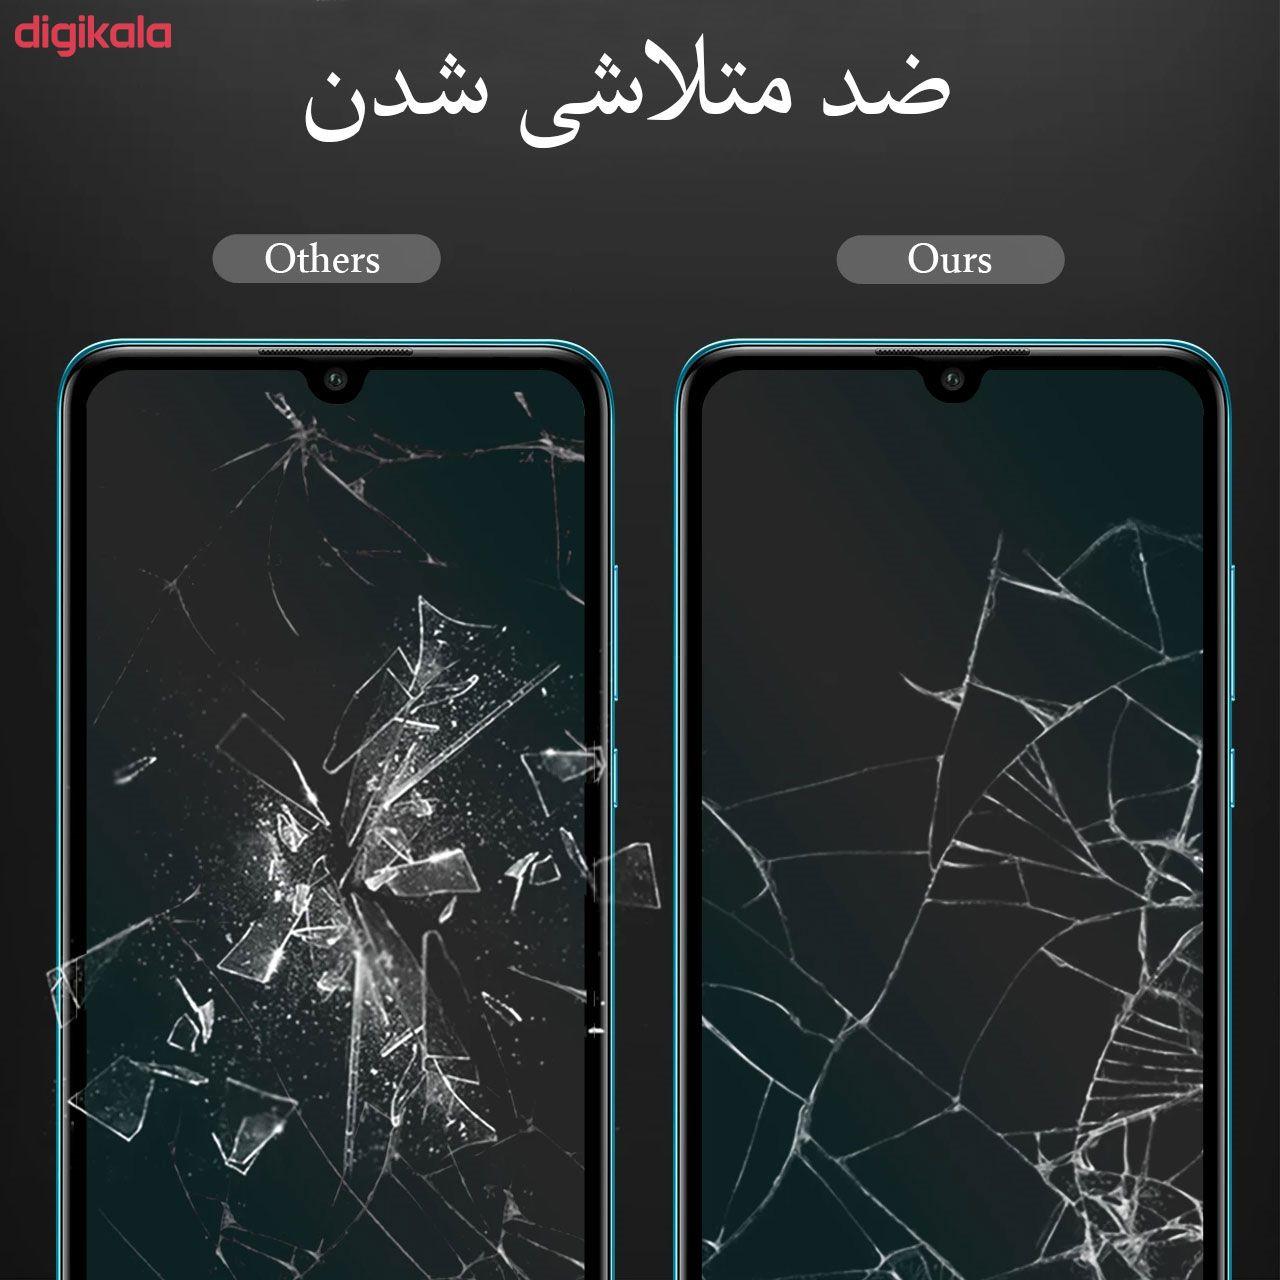 محافظ صفحه نمایش مدل FCG مناسب برای گوشی موبایل سامسونگ Galaxy M20 بسته سه عددی main 1 5